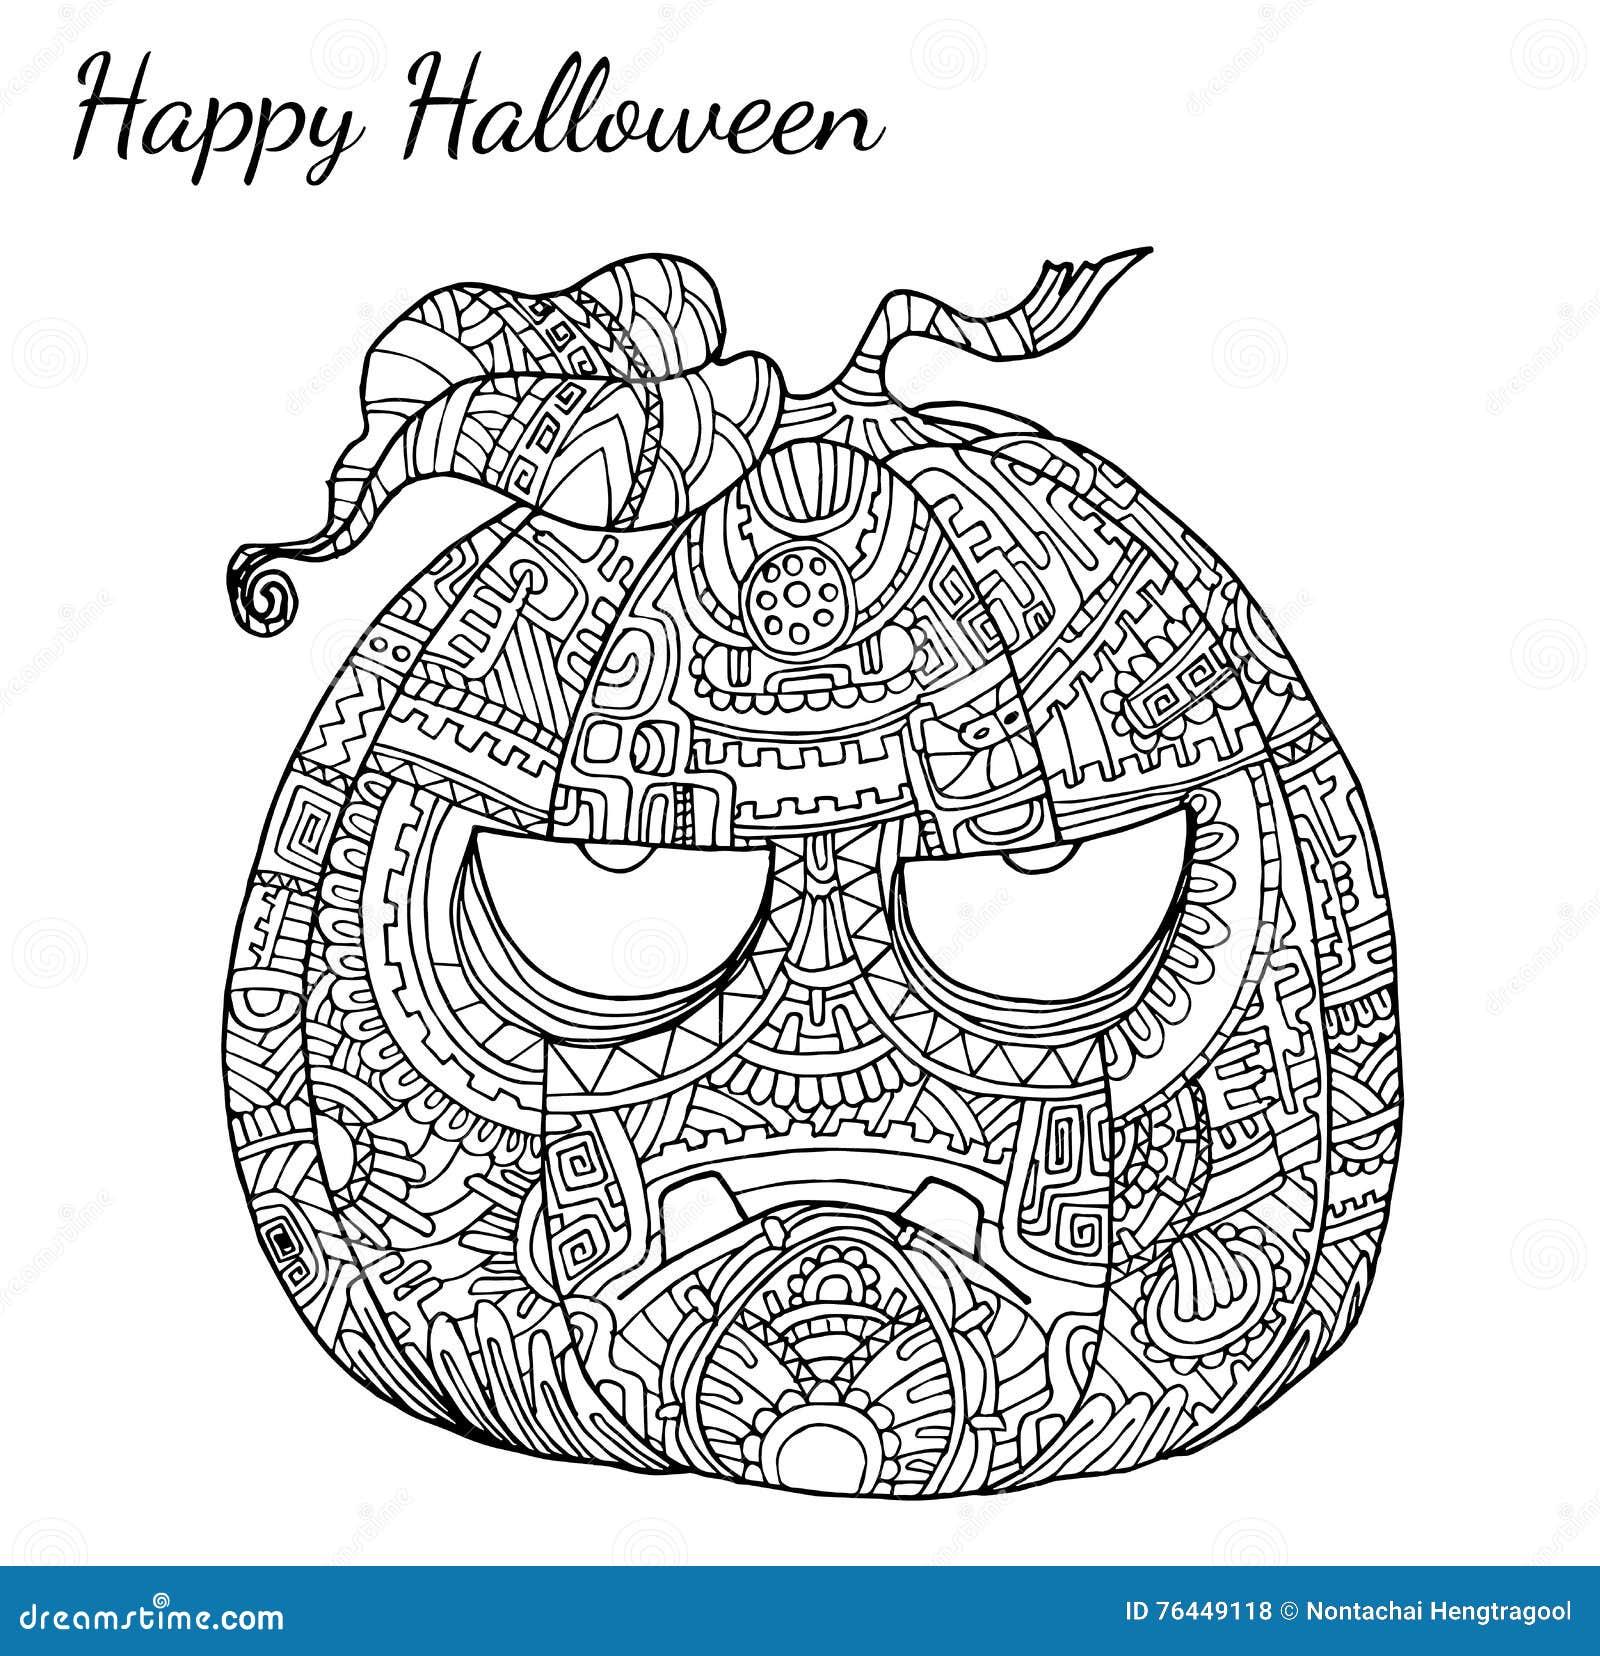 Pumpkin Zentangle Vector In Halloween Stock Vector Illustration Of Happy Thanksgiving 76449118